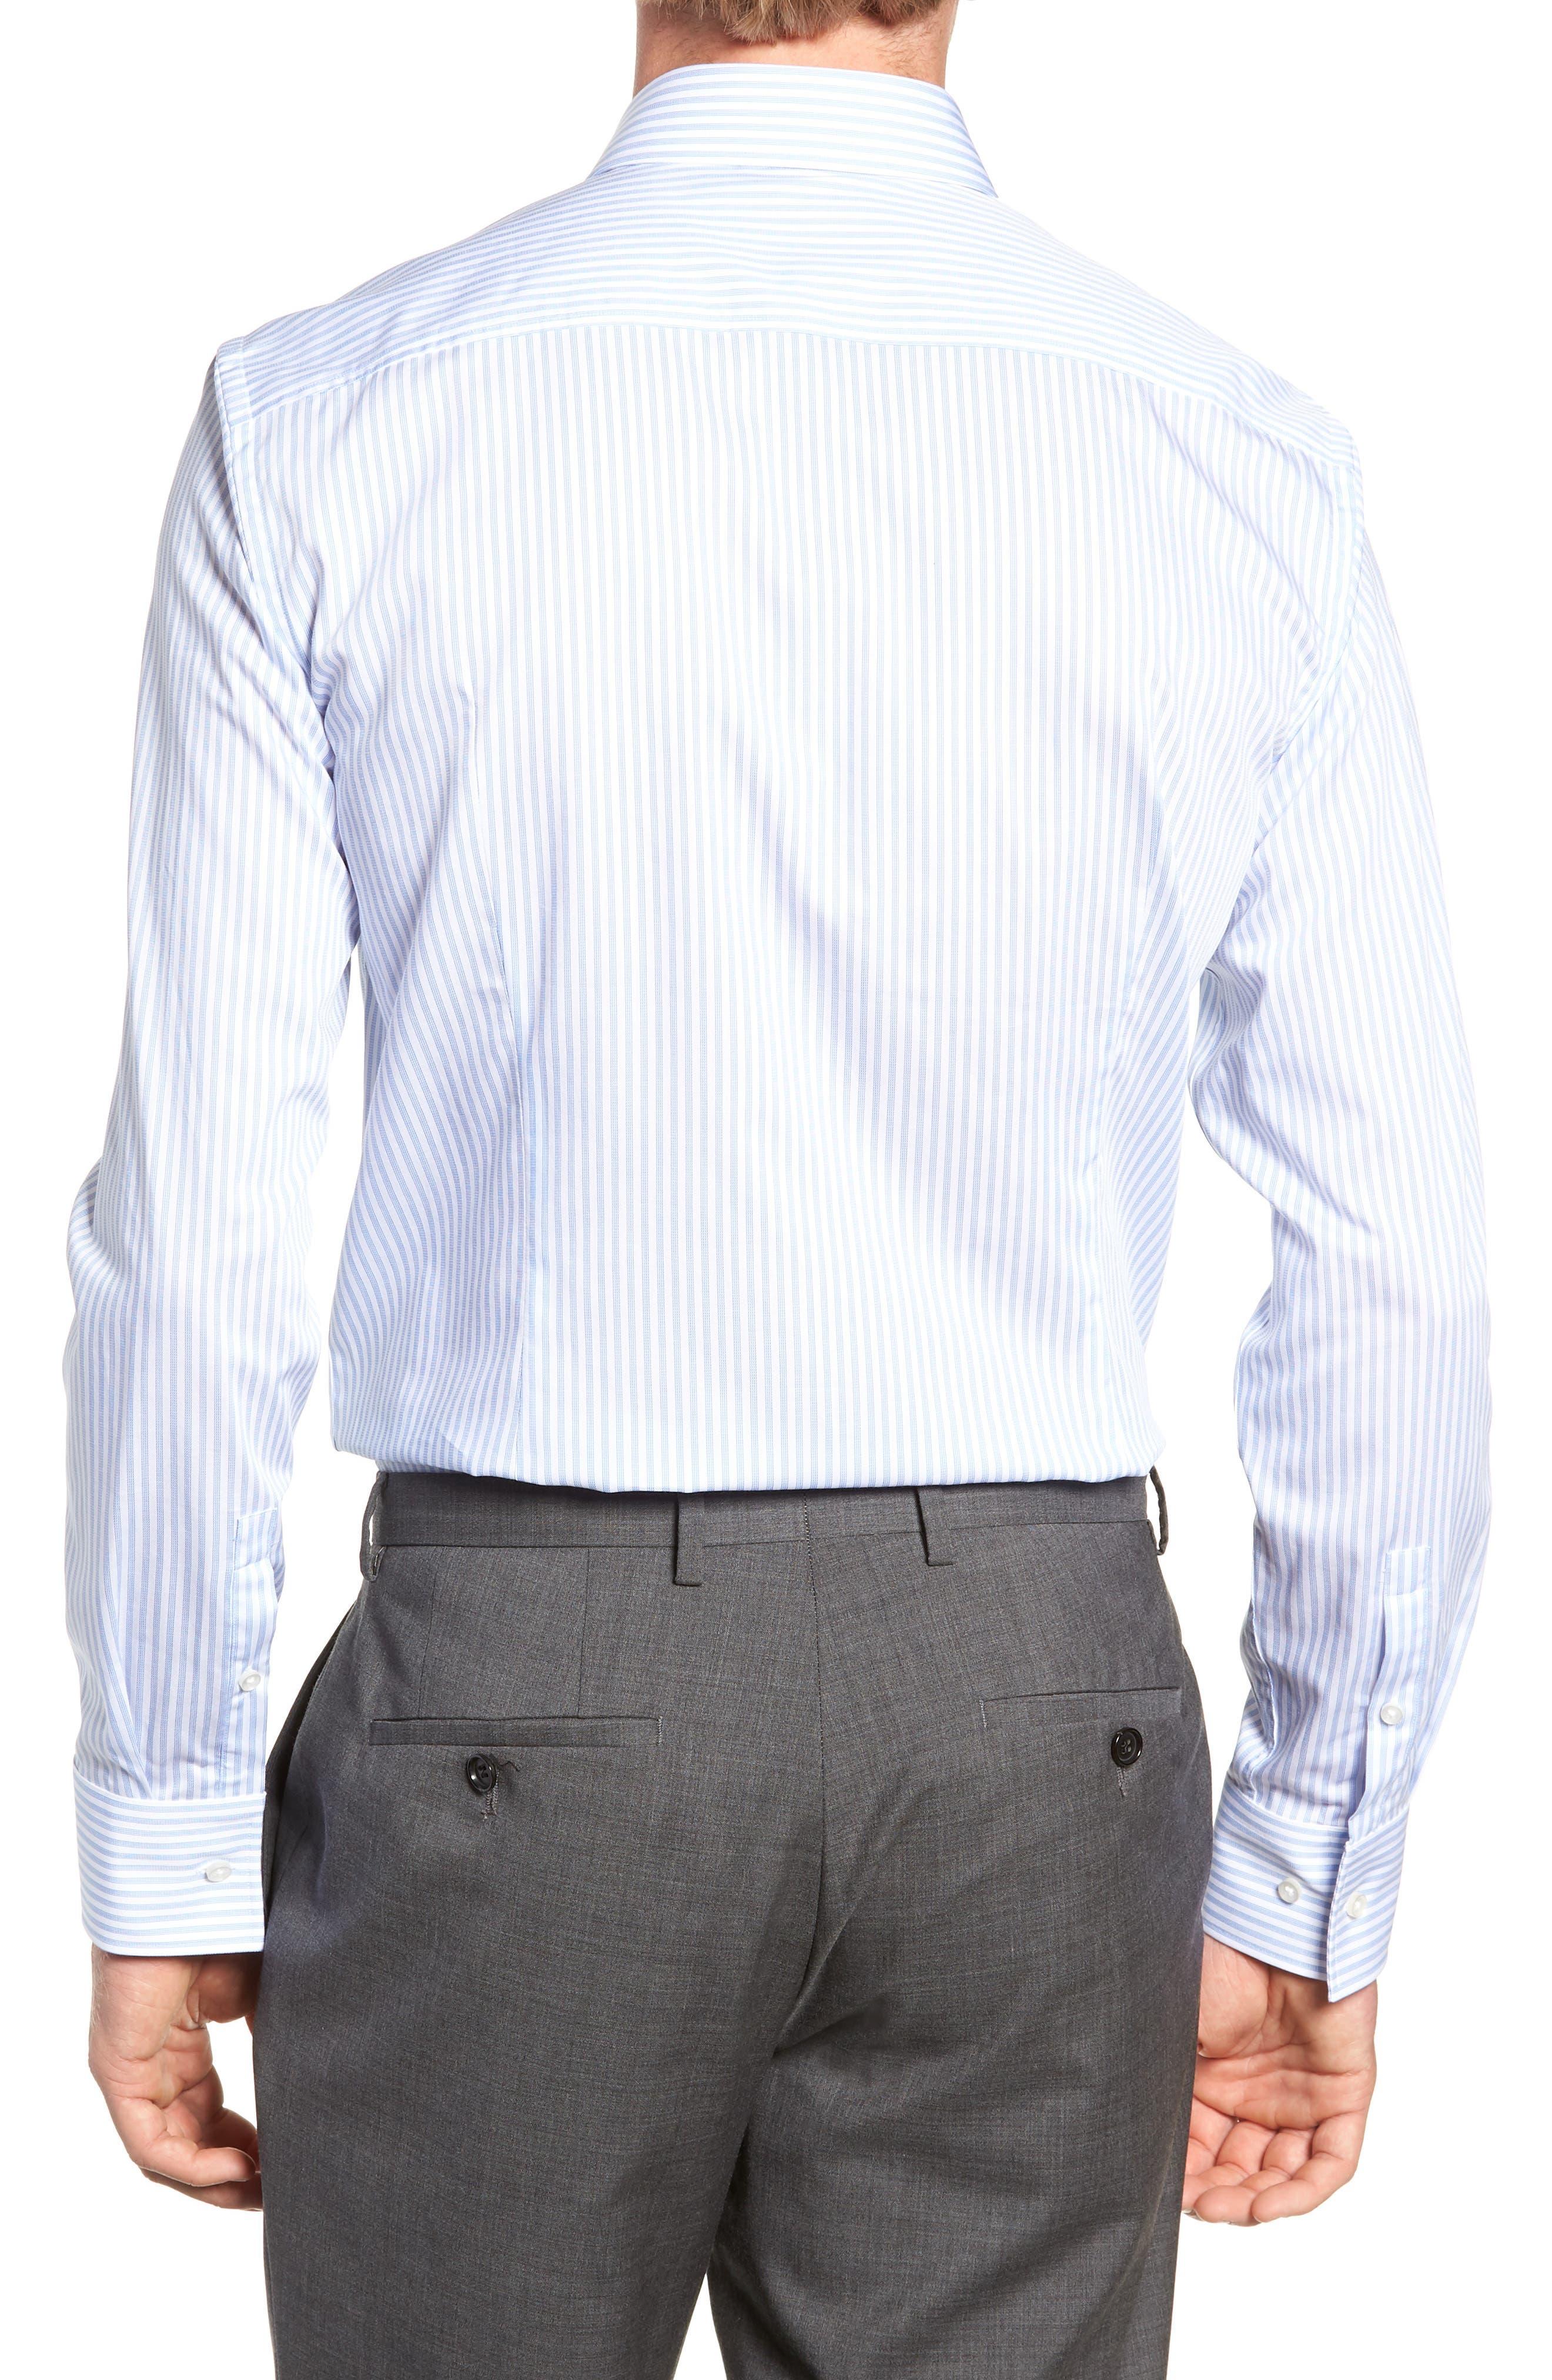 Jenno Trim Fit Stripe Dress Shirt,                             Alternate thumbnail 3, color,                             BLUE